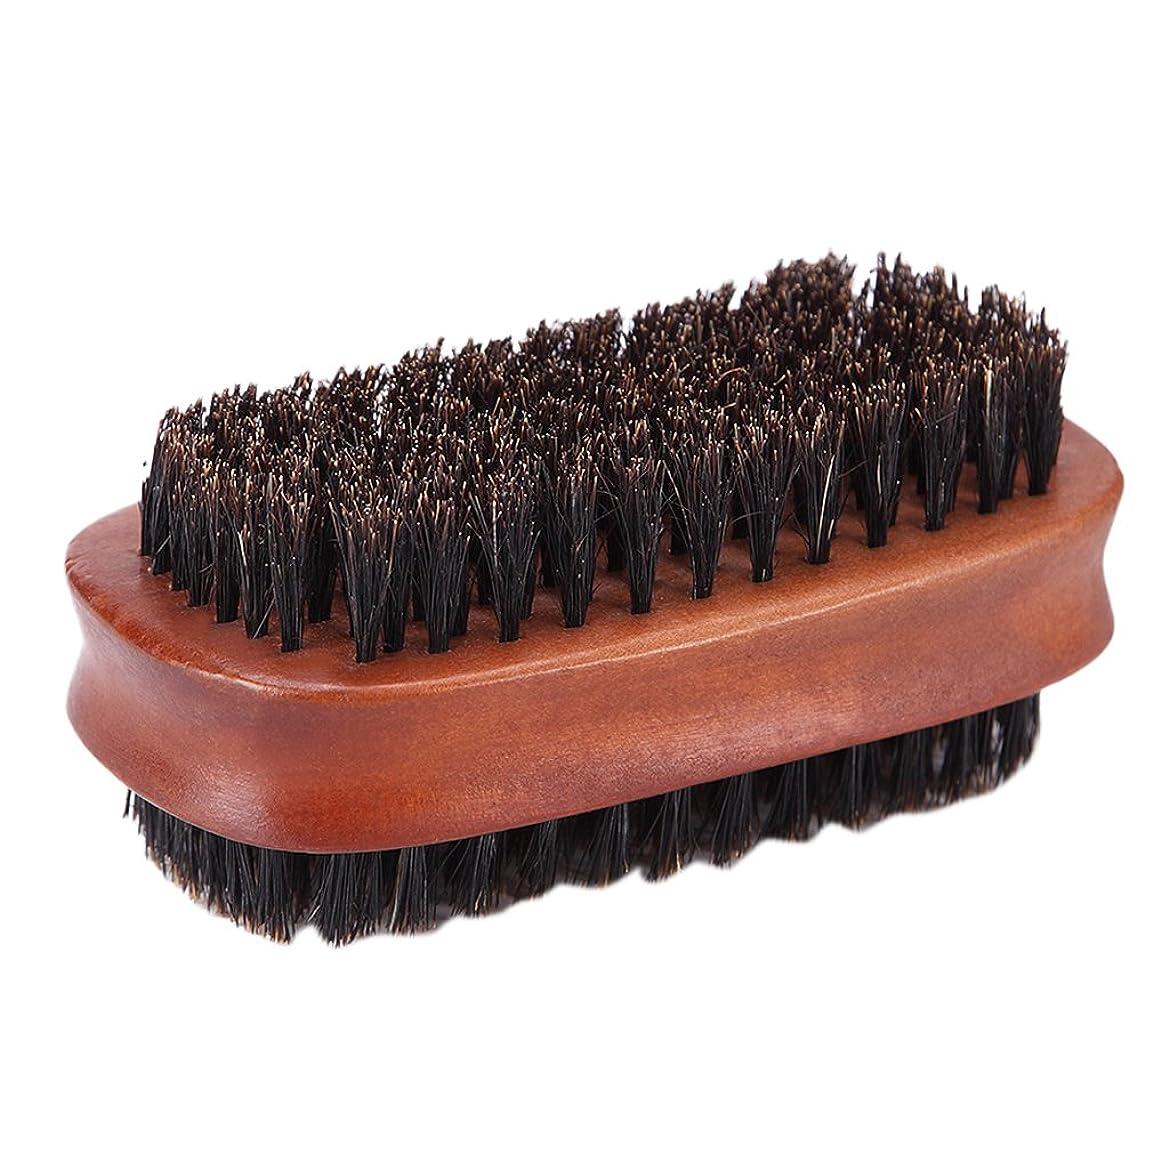 ルーフ段落自治的Homyl ヘアカット ダスターブラシ 両面ブラシ サロン 散髪 ヘアカット 柔らか 使いやすい